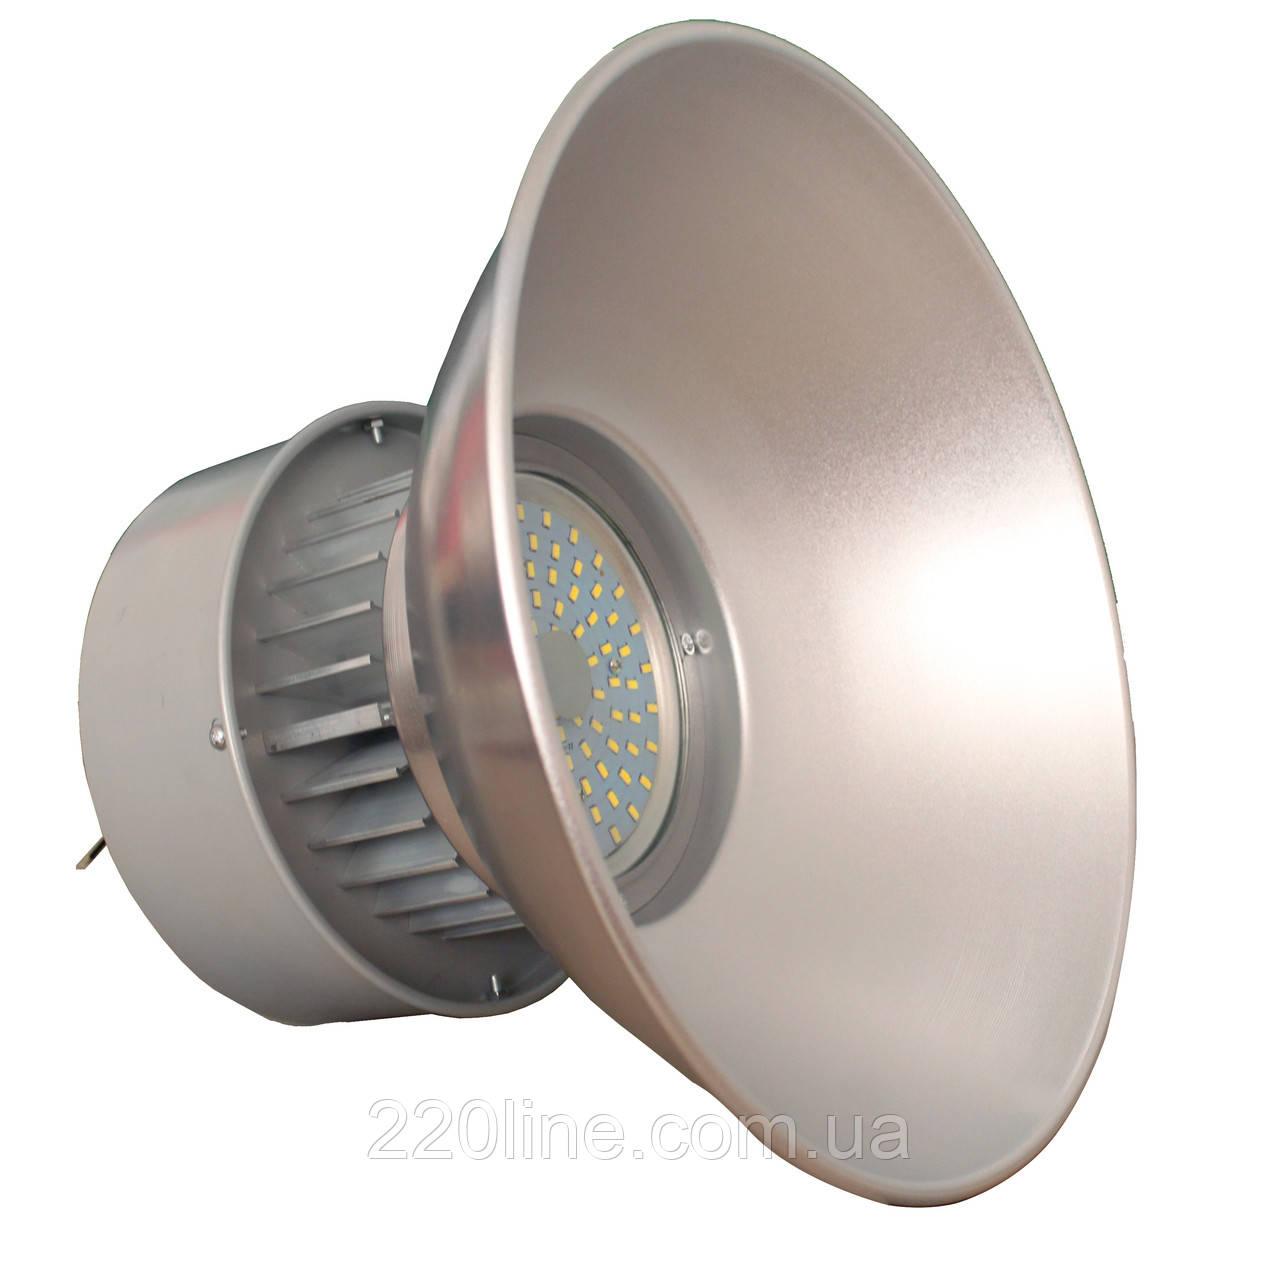 ElectroHouse LED світильник для високих прольотів 50W 6500K 4500Lm IP20 Ø35см